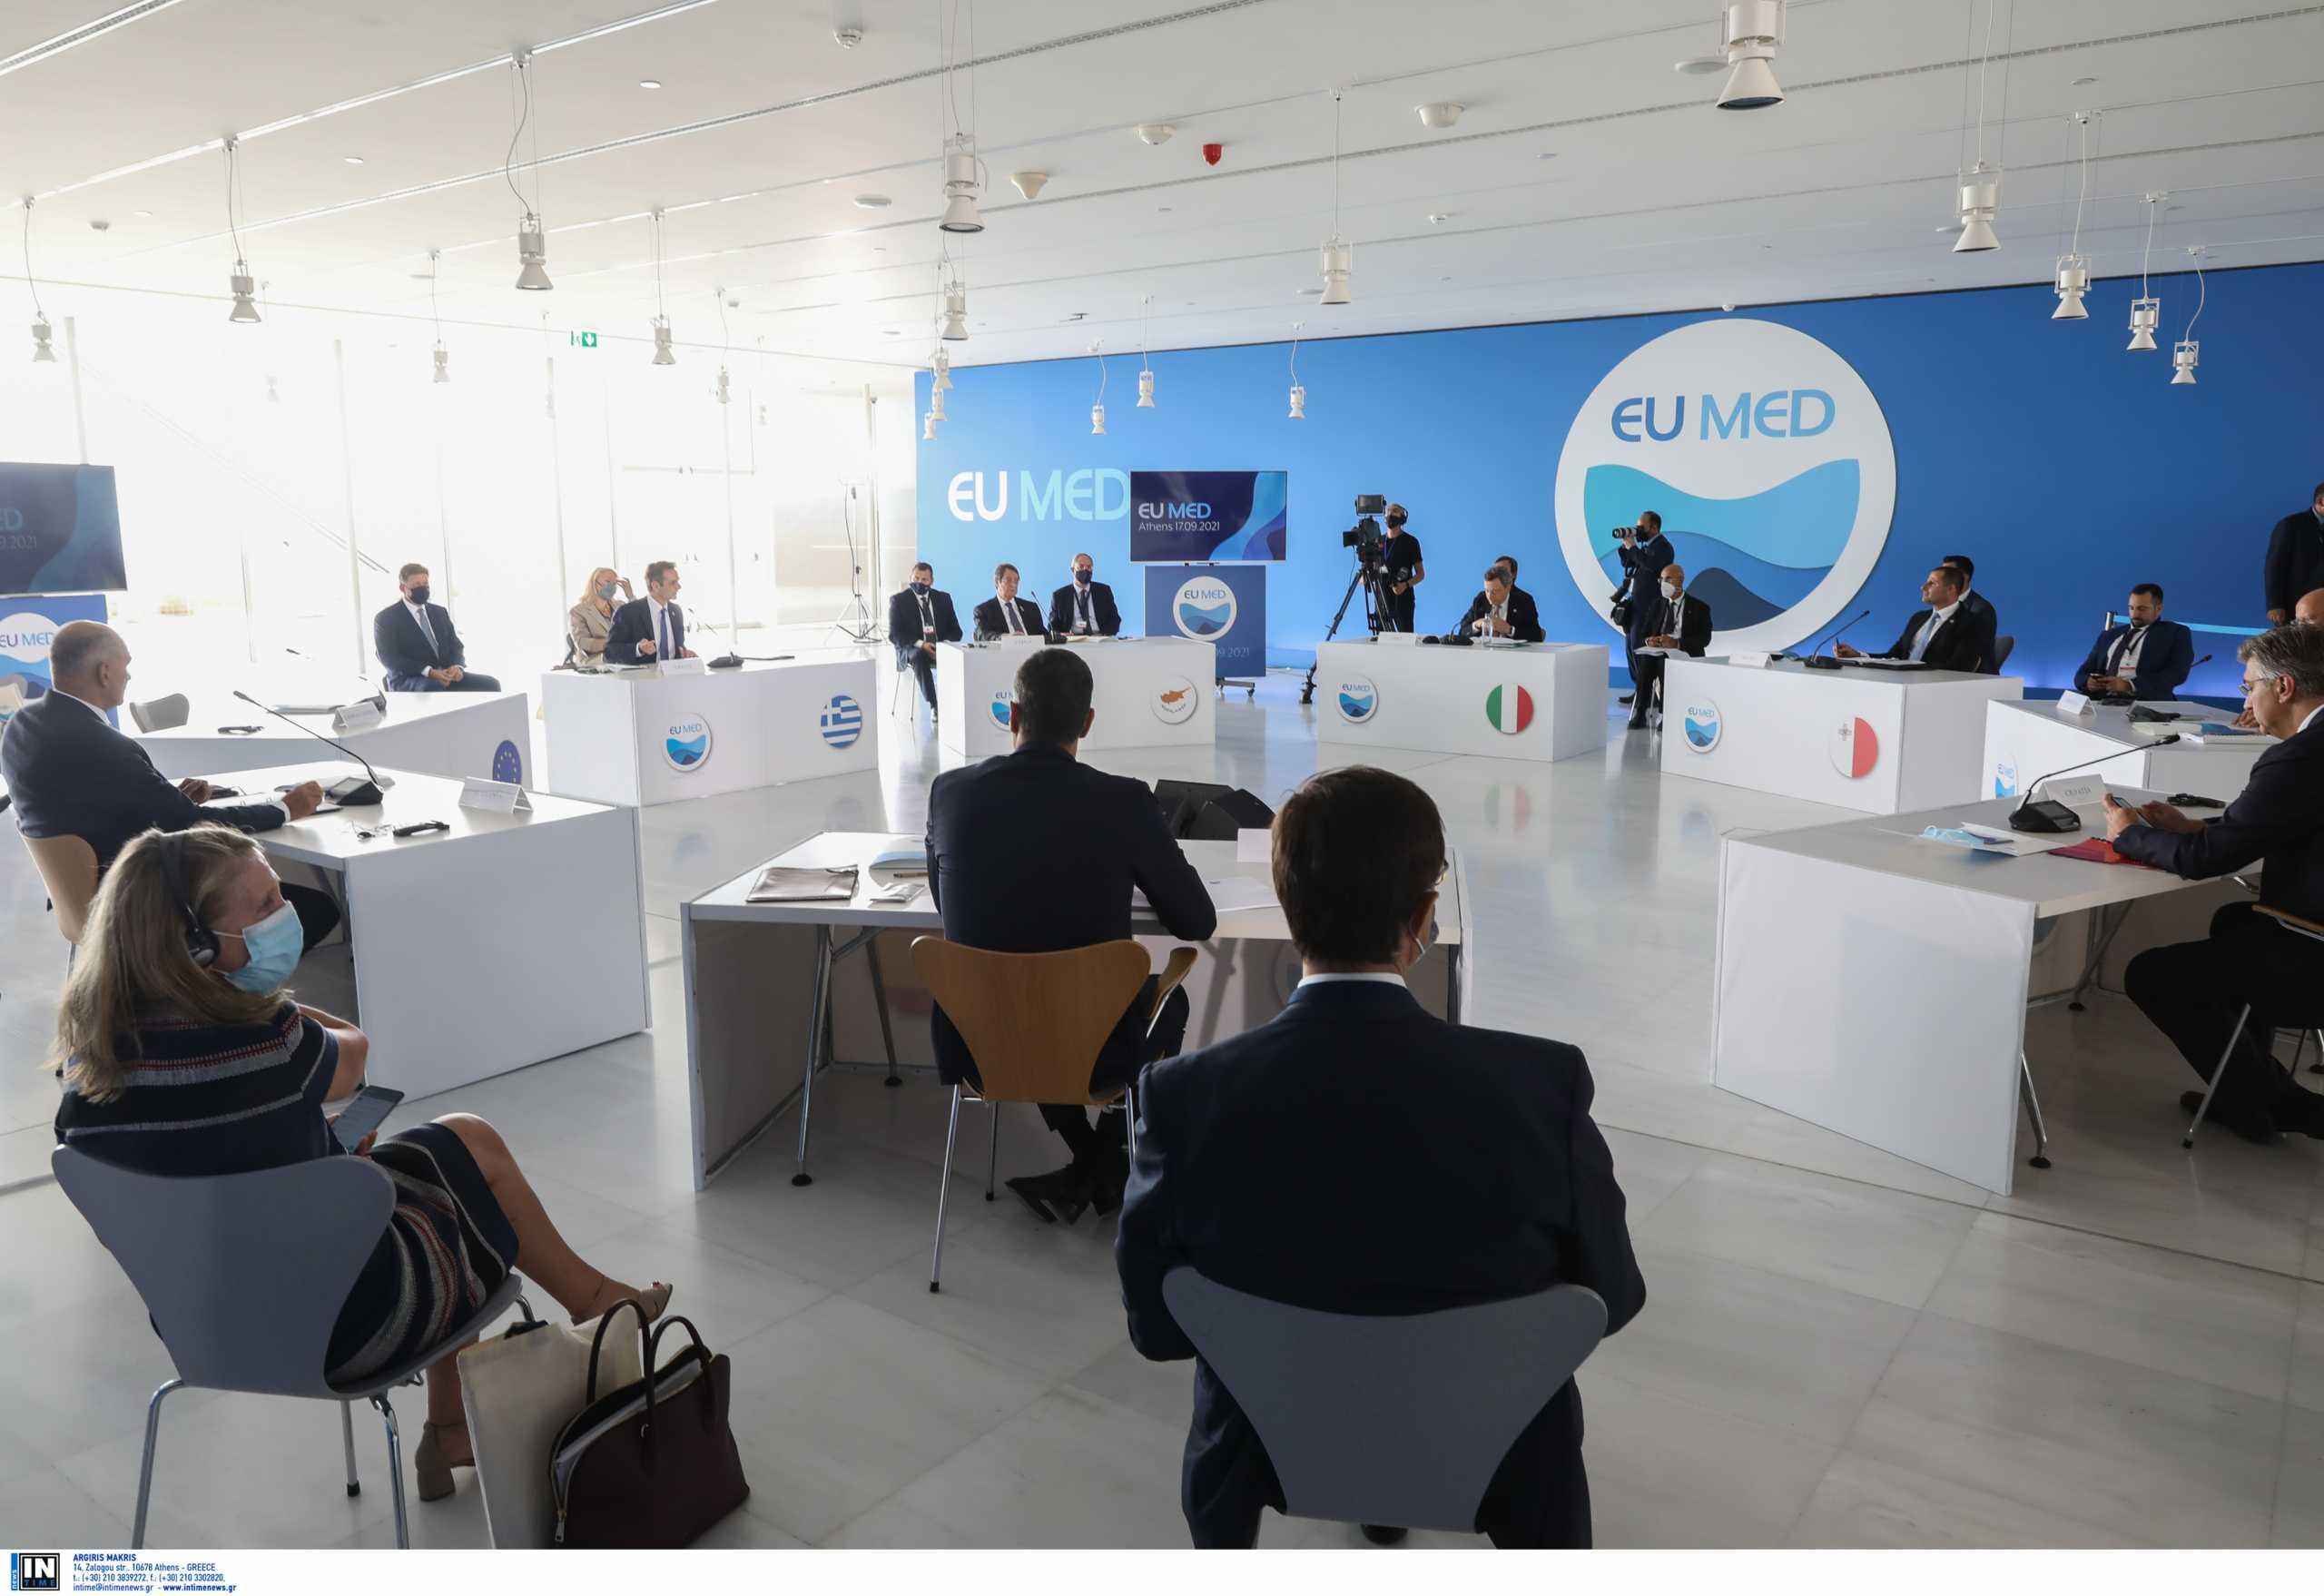 Euromed 9: «Δεν υπάρχει καιρός για χάσιμο» τονίζει ο πρόεδρος του ΕΚ Νταβίντ Σασόλι